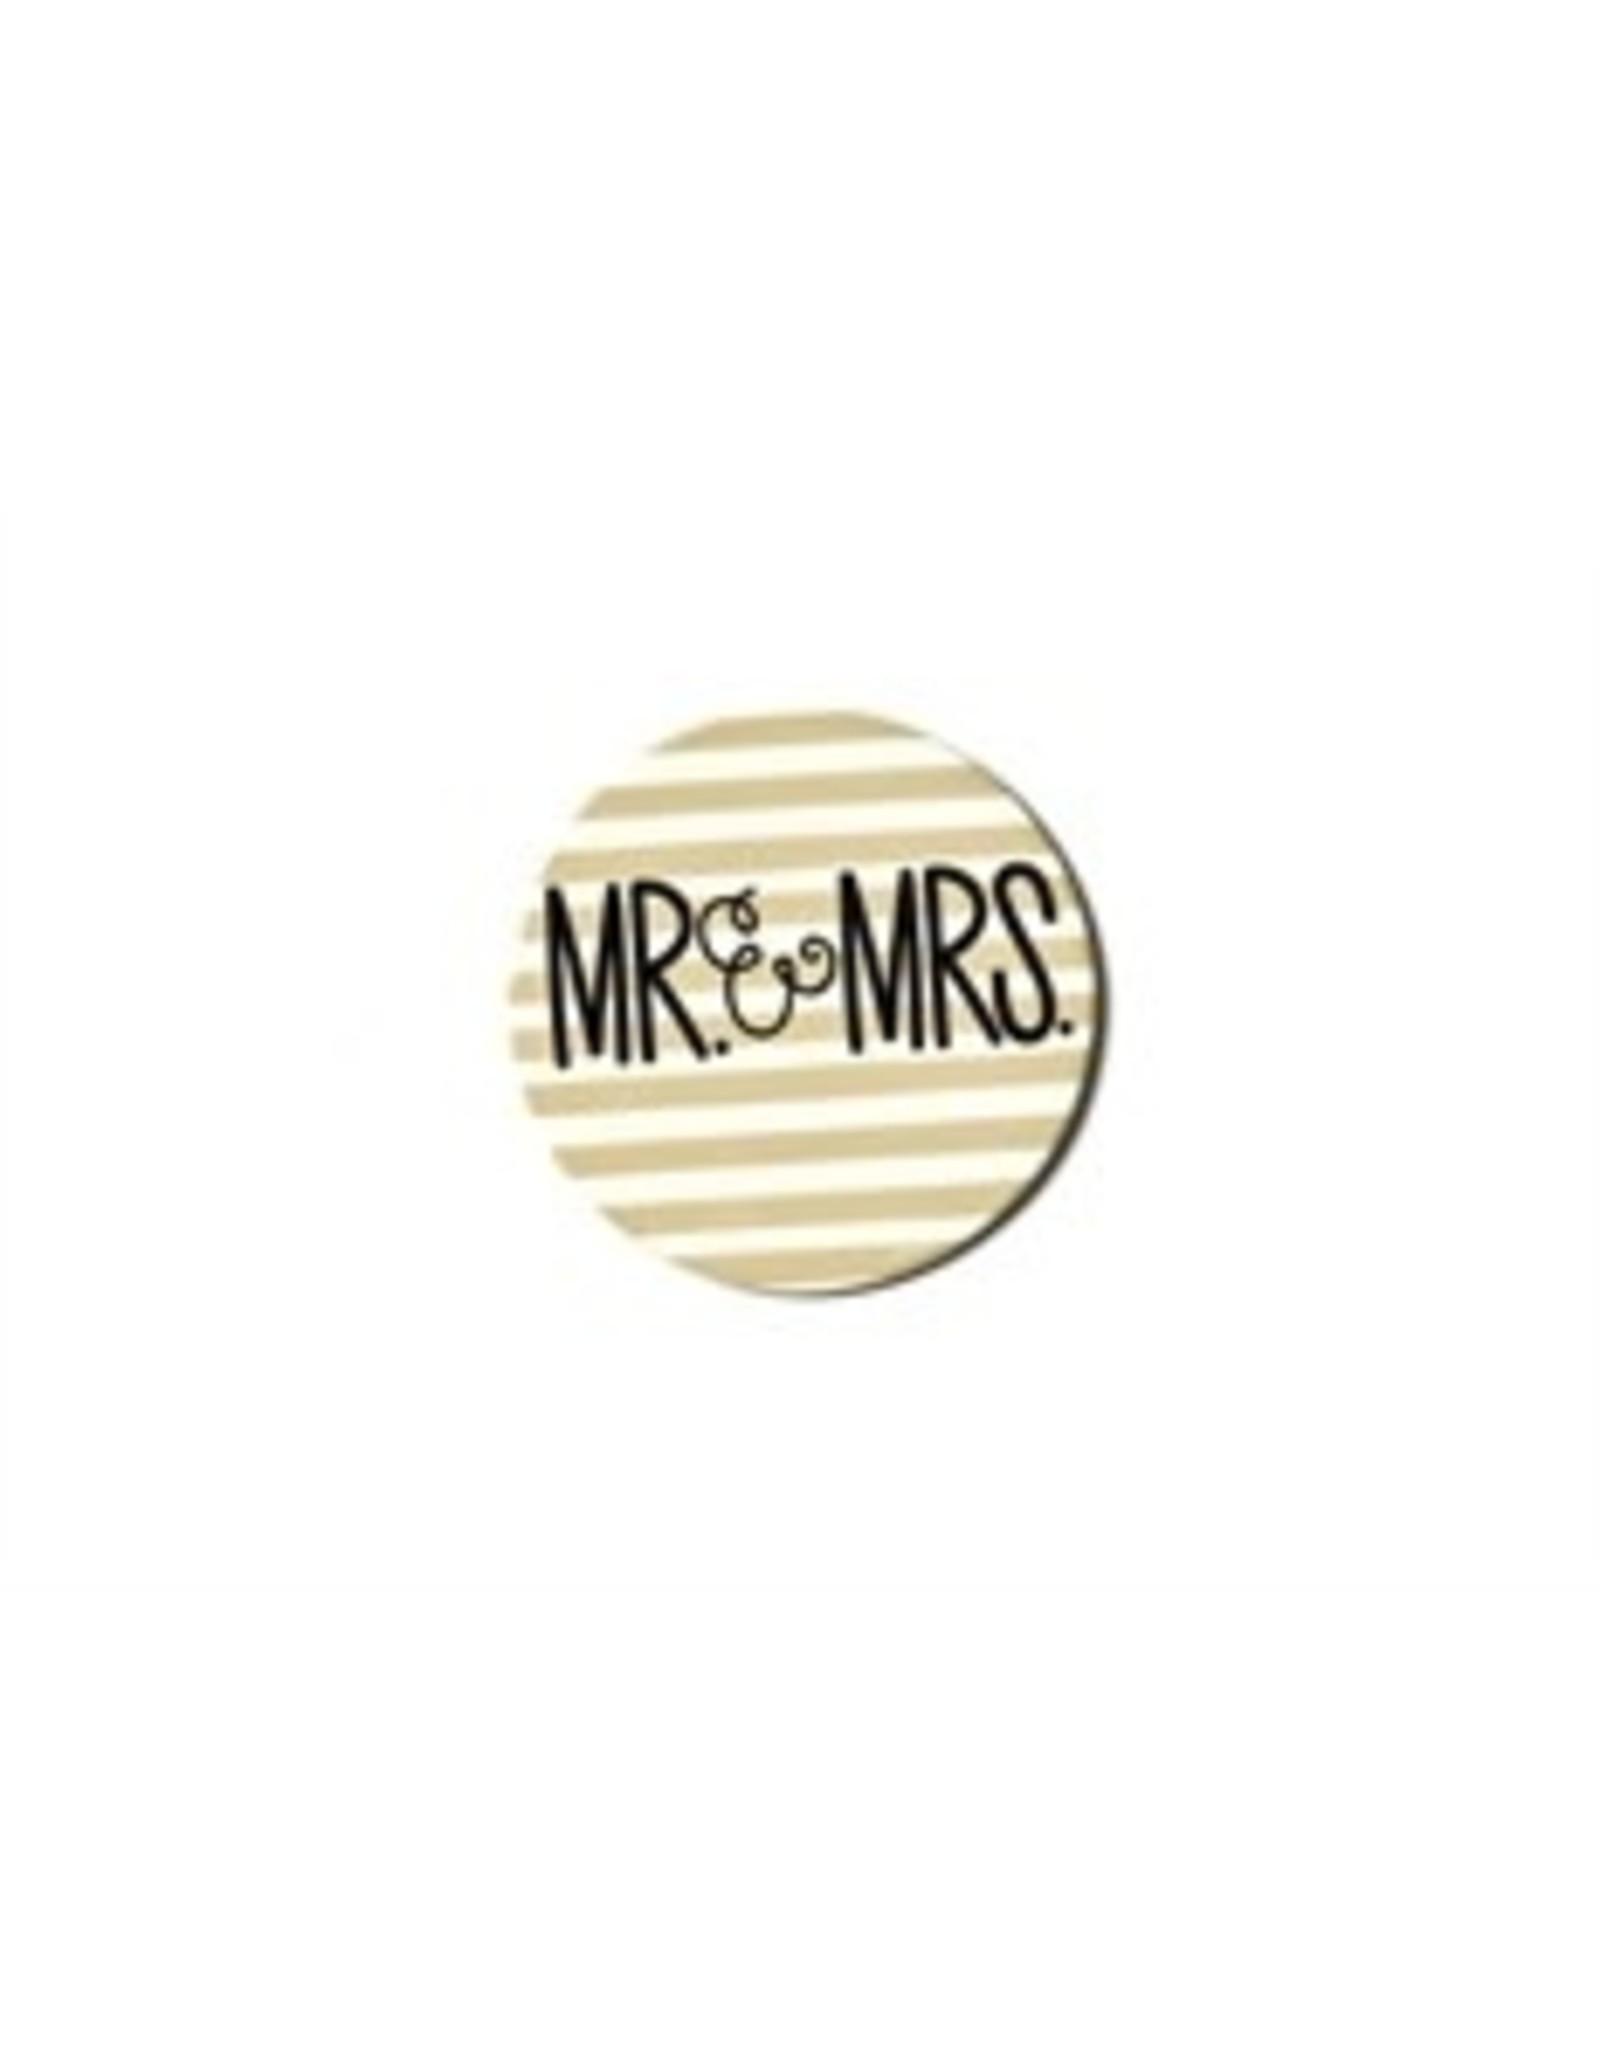 Mr & Mrs Mini Attachment